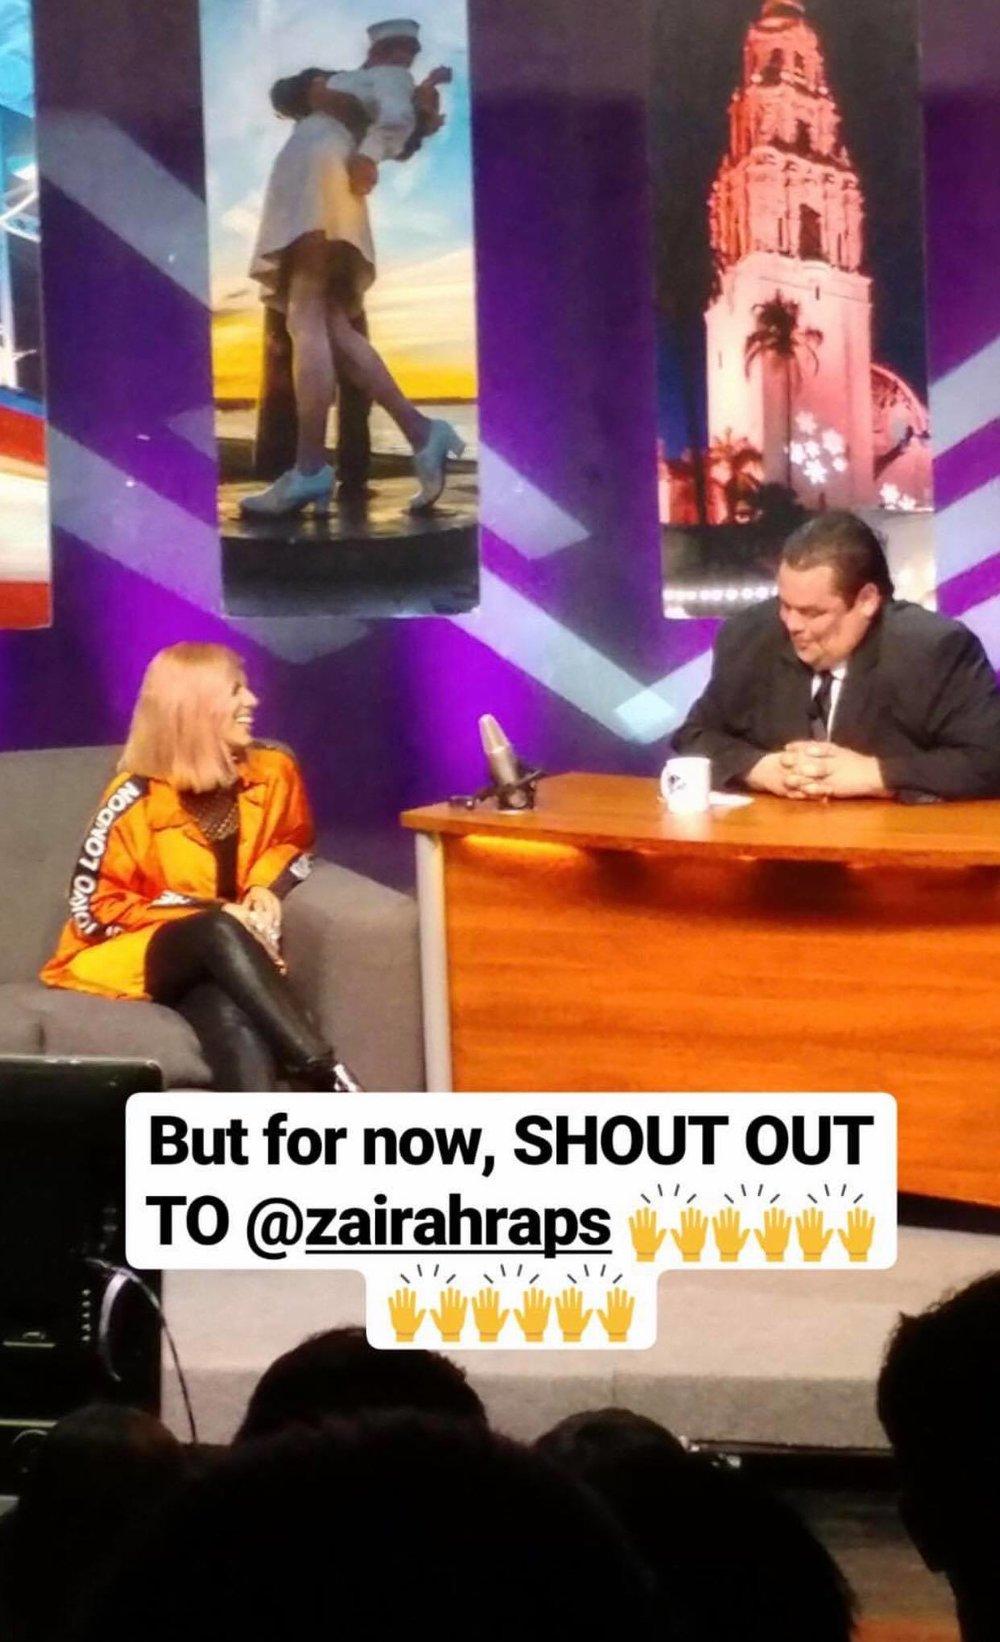 Snap shoutout from a fan of Zairah